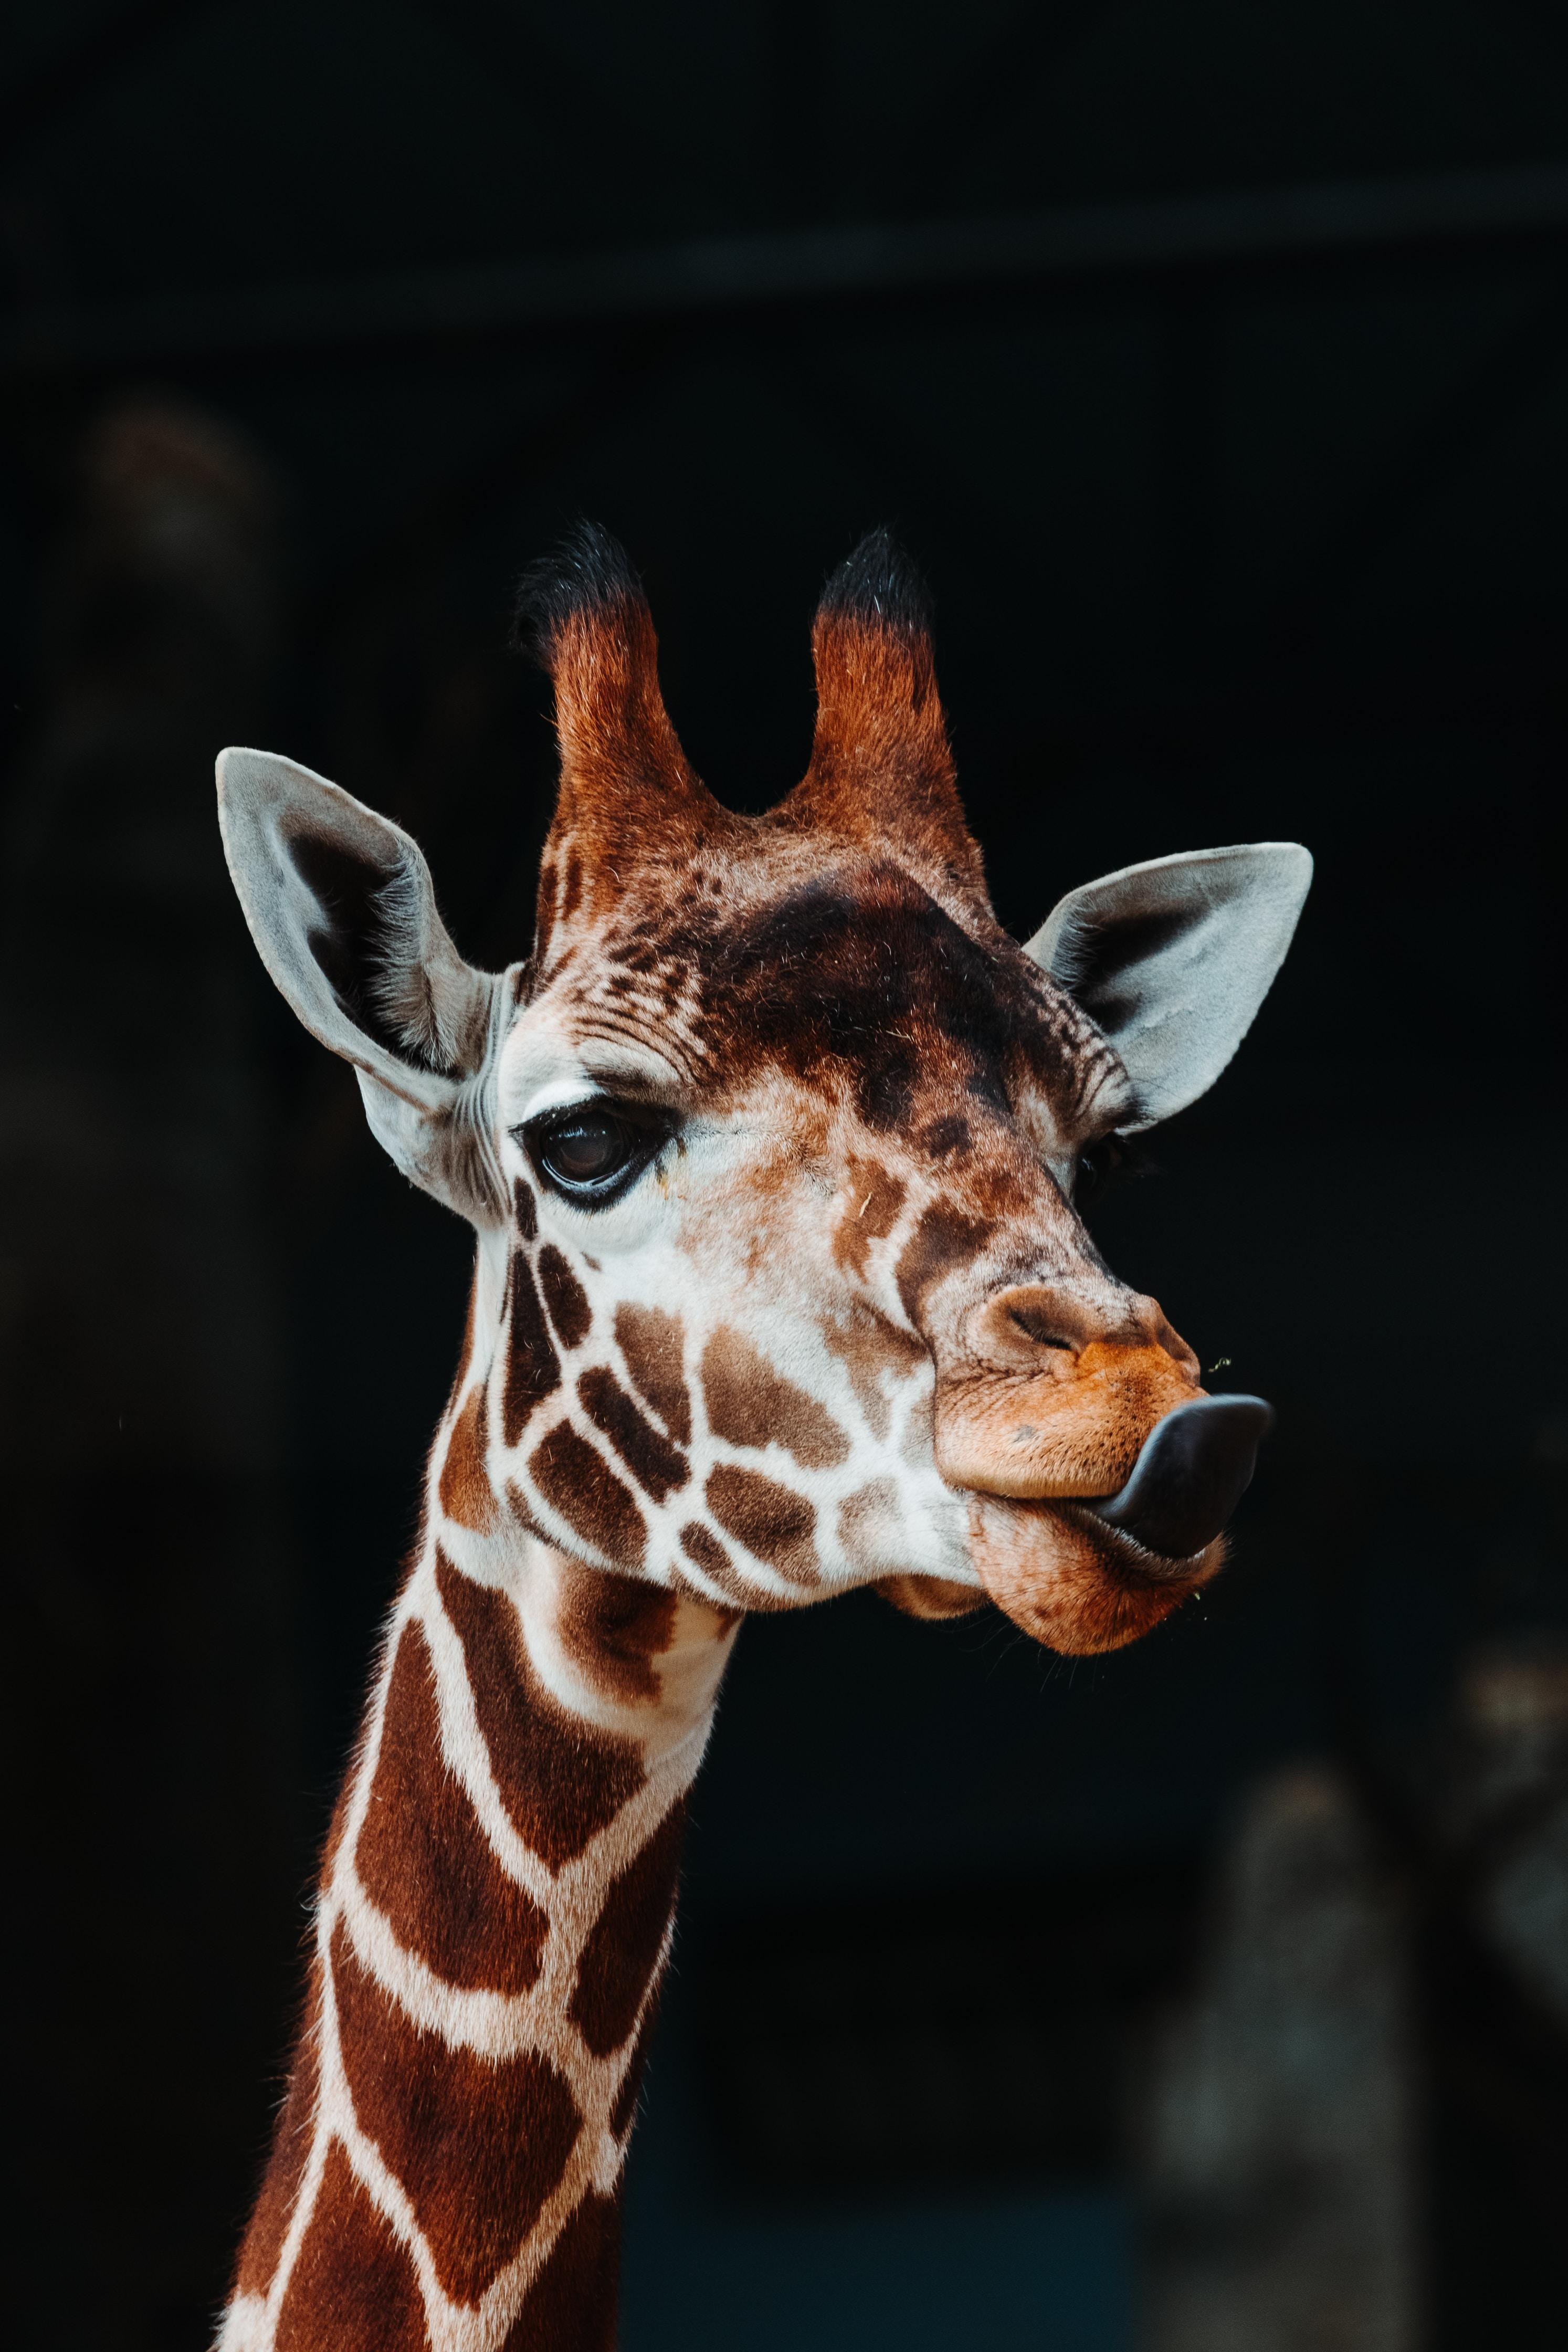 73775 免費下載壁紙 动物, 长颈鹿, 突出的舌头, 舌头, 有趣的, 有趣 屏保和圖片